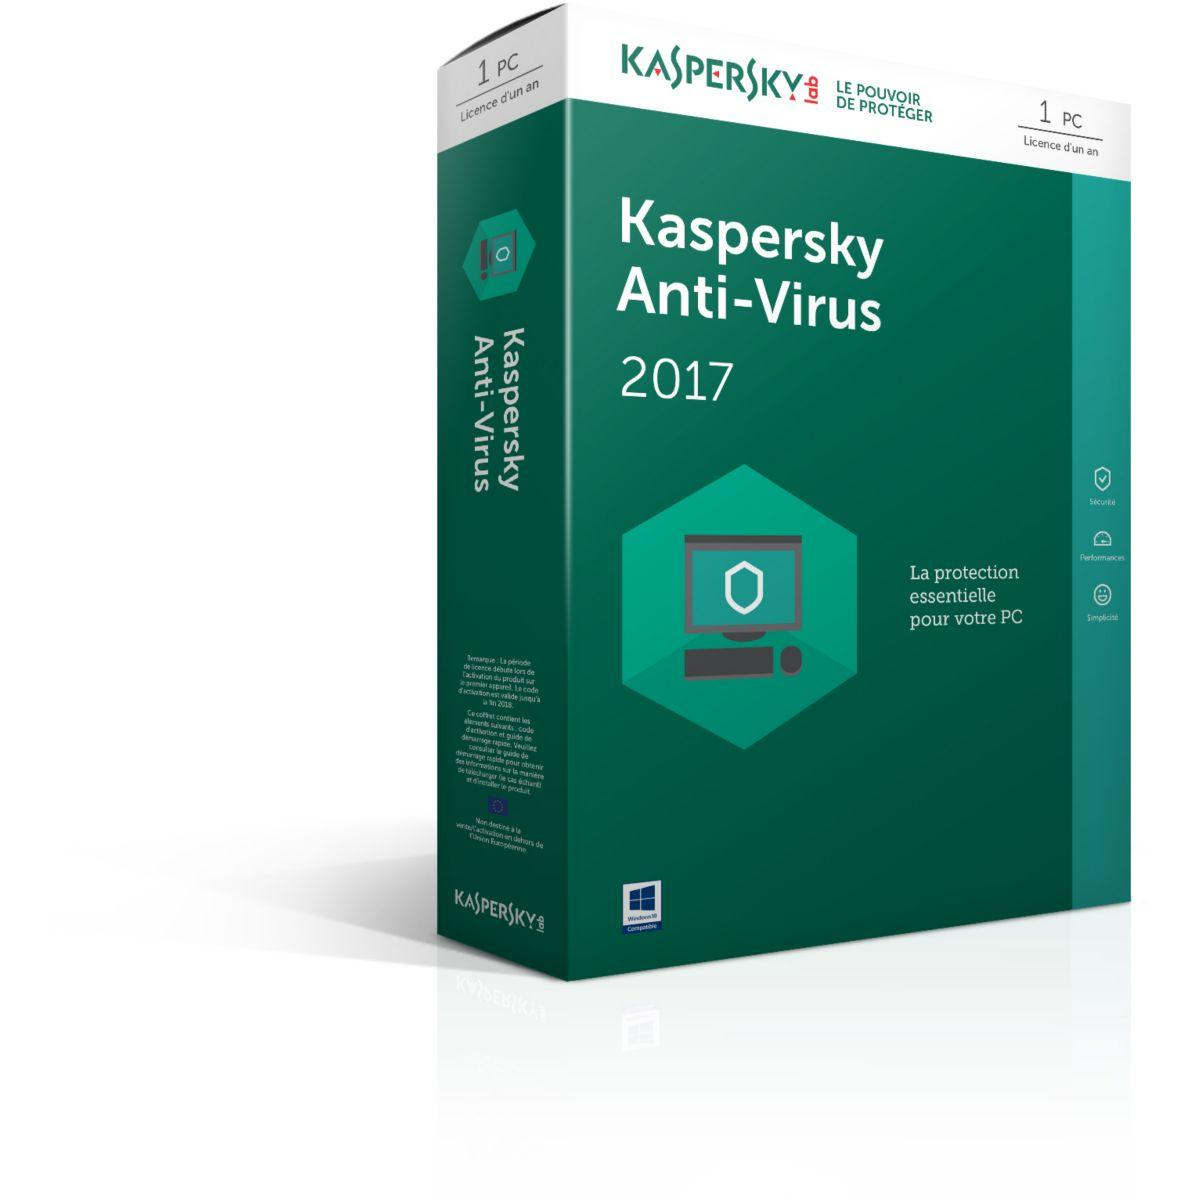 Logiciel antivirus pc kaspersky antivirus 2017 1 poste / 1 an - 7% de remise immédiate avec le code : cash7 (photo)